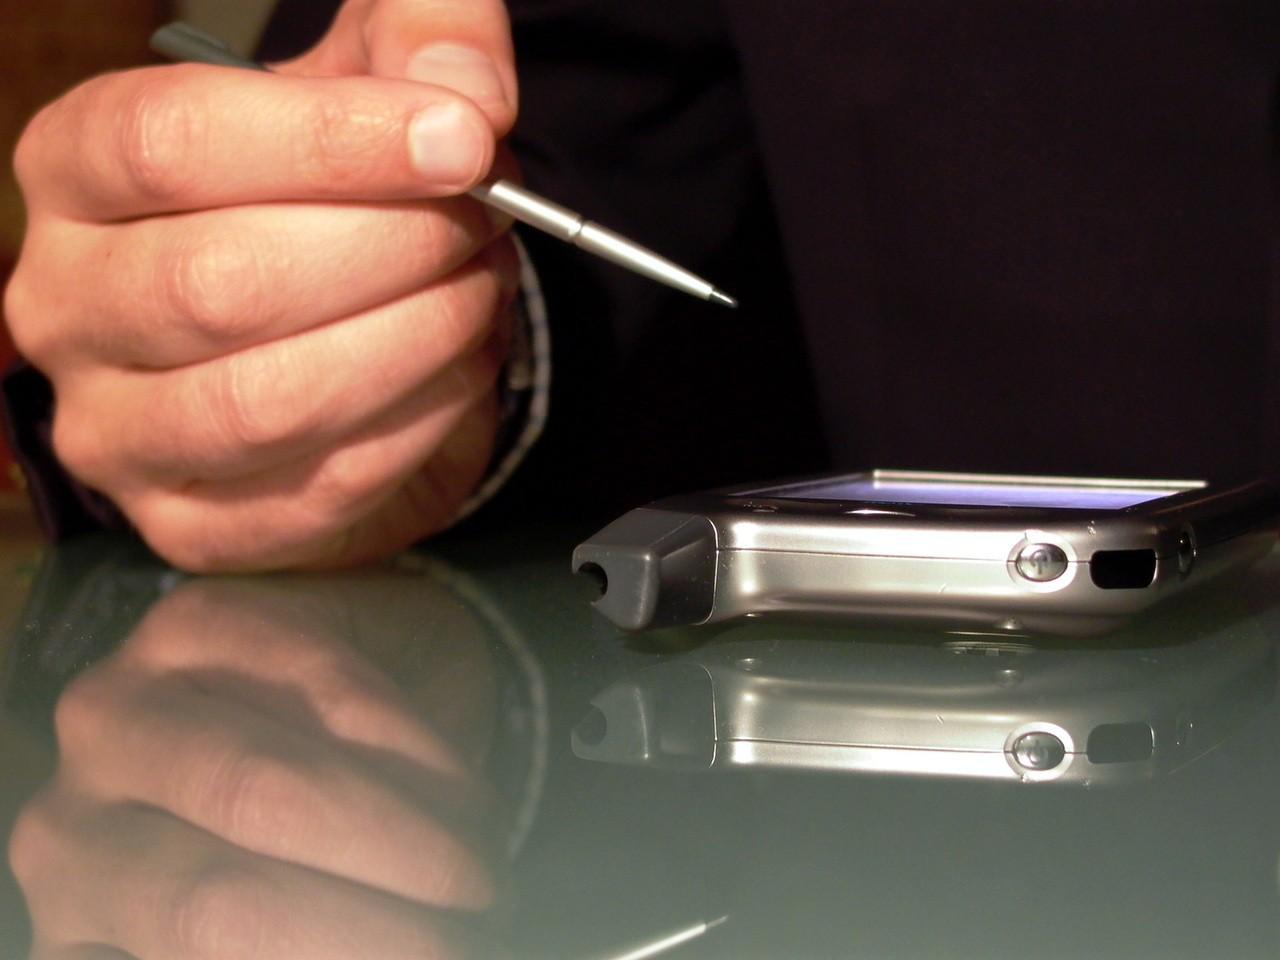 Świat pełen współczesnej elektroniki wart refleksji